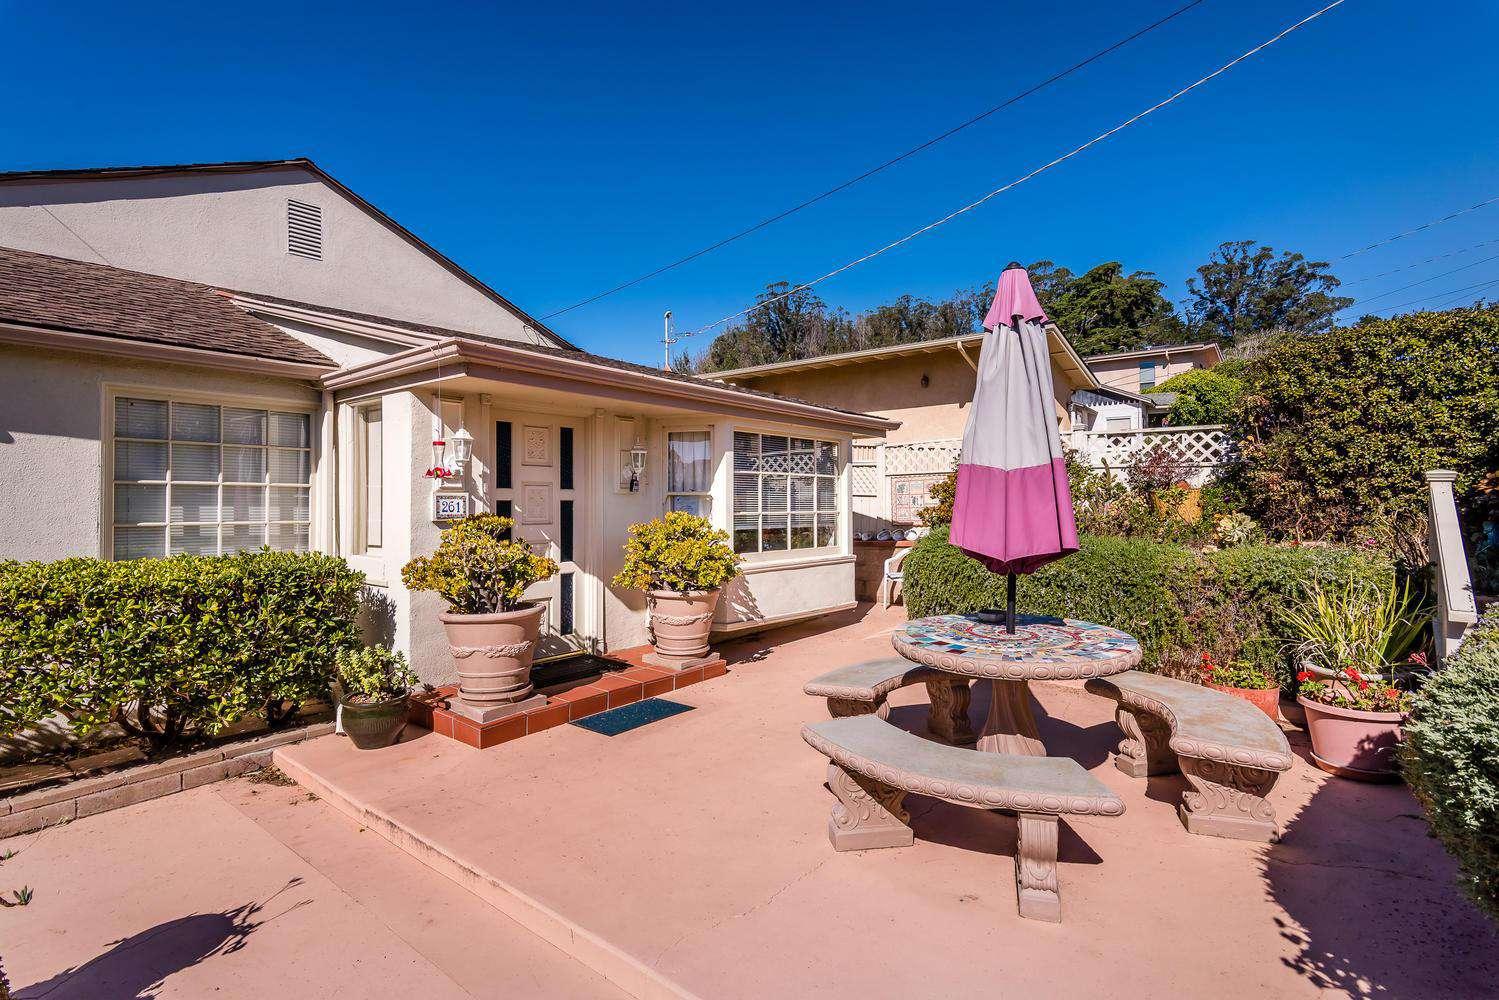 261 Shasta Ave - property